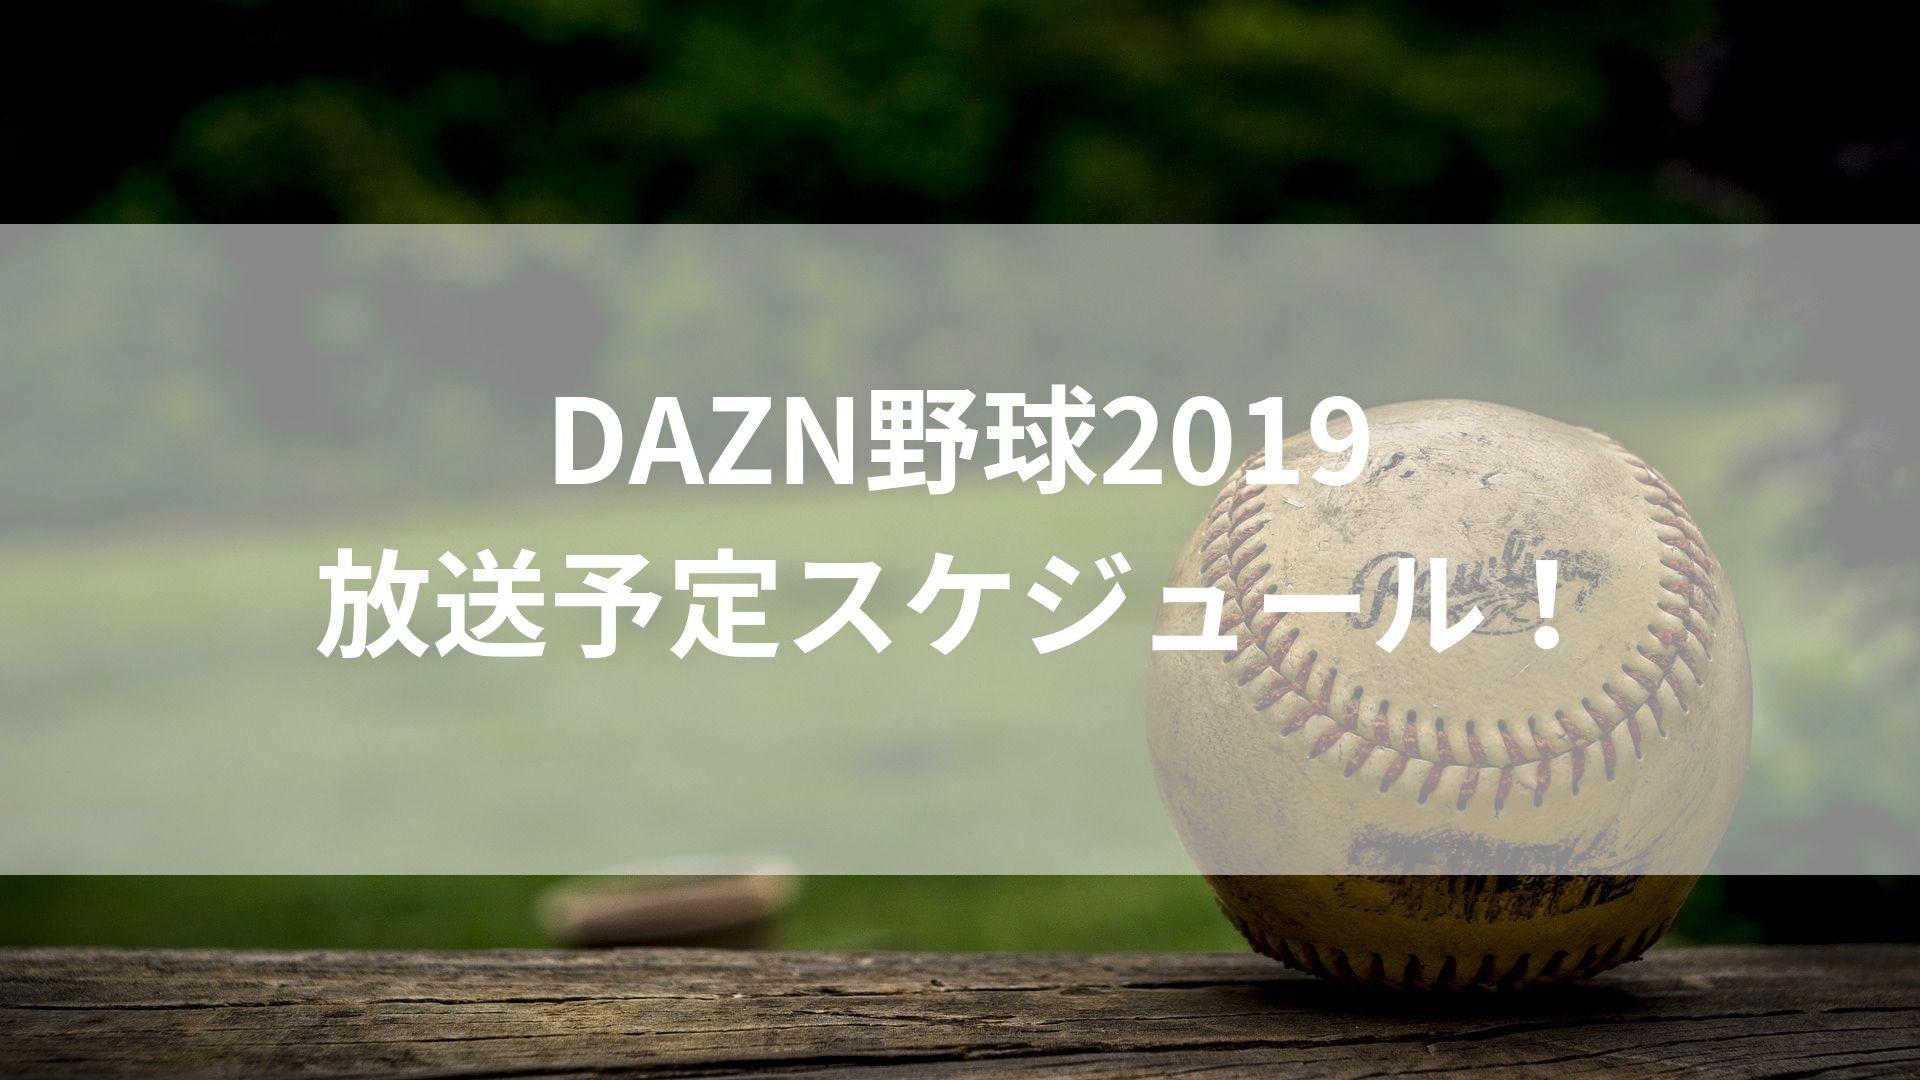 DAZN野球放送スケジュール